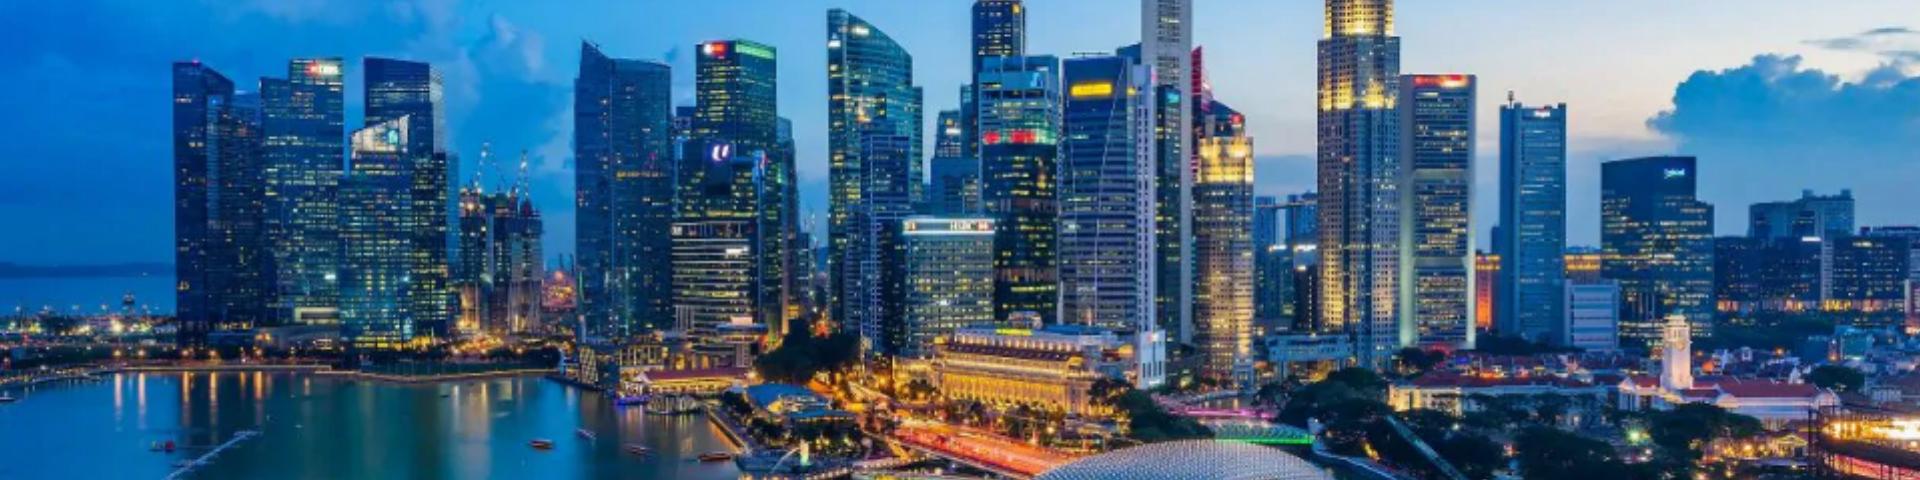 Полицейские Сингапура арестовали организаторов незаконного игорного бизнеса